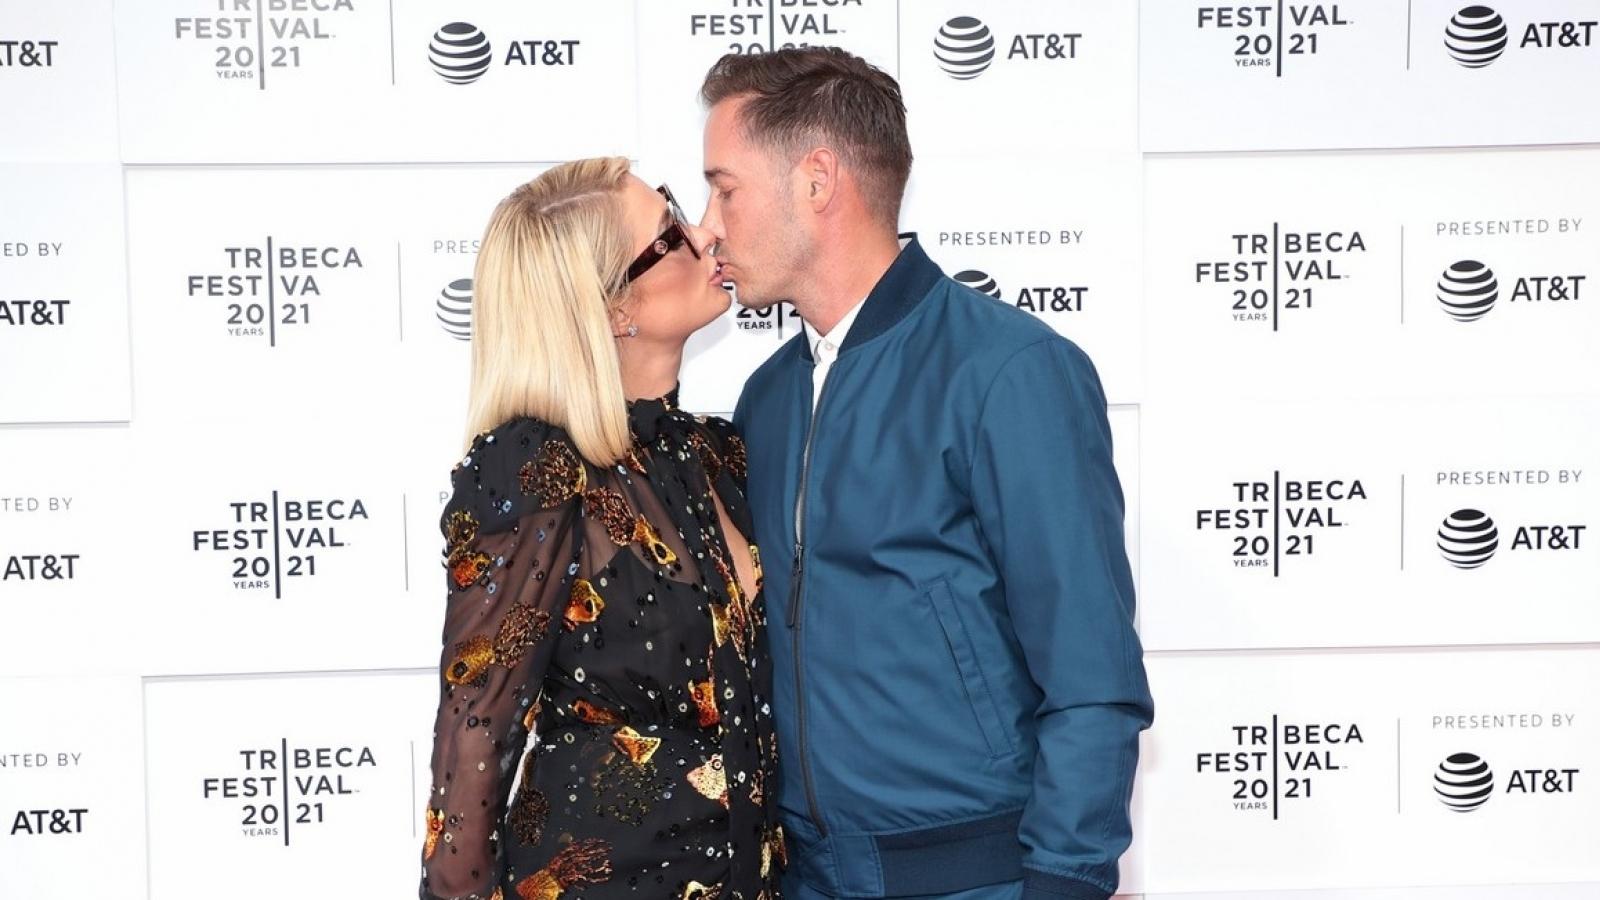 """Kiều nữ Paris Hilton lãng mạn """"khóa môi"""" bạn trai tại buổi công chiếu phim"""